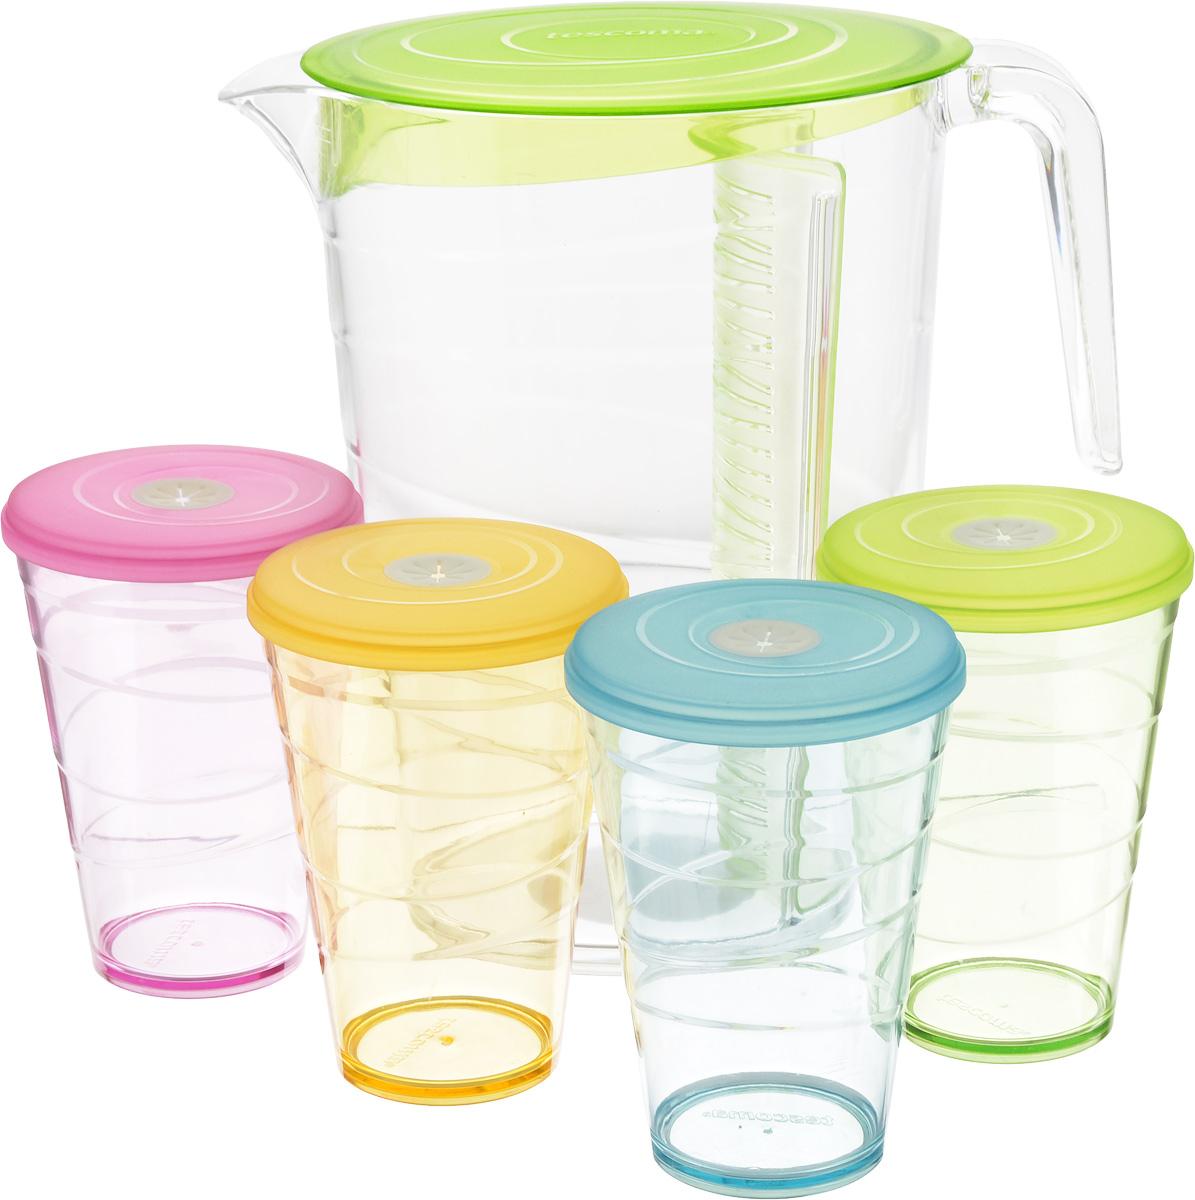 Набор питьевой Tescoma My Drink, цвет: зеленый, 9 предметов308802.25Набор питьевой Tescoma My Drink - великолепное решение для летних прохладительных напитков! Набор состоит из кувшина и 4 стаканов. Для изготовления кувшина и стаканов используется первоклассный нетоксичный пластик, пригодный для долгосрочного контакта с пищевыми продуктами и не содержащий химических добавок. Кувшин оснащен специальной перегородкой для фруктов и листьев мяты, которая позволяет не допускать смешивания с основной жидкостью в кувшине. Это избавит вас от дополнительной фильтрации лимонада. Перегородку удобно снимать и чистить. В комплект входят 4 стакана разного цвета, каждый из которых оснащен крышкой с гибким отверстием для соломинки. Можно мыть в посудомоечной машине на щадящих программах, выдерживает температуру до 60°С. Размер кувшина (по верхнему краю): 12 х 18 см. Высота кувшина: 23 см. Объем кувшина: 2,5 л. Диаметр стакана (по верхнему краю): 8,5 см. Высота стакана: 12 см. Объем стакана: 400...